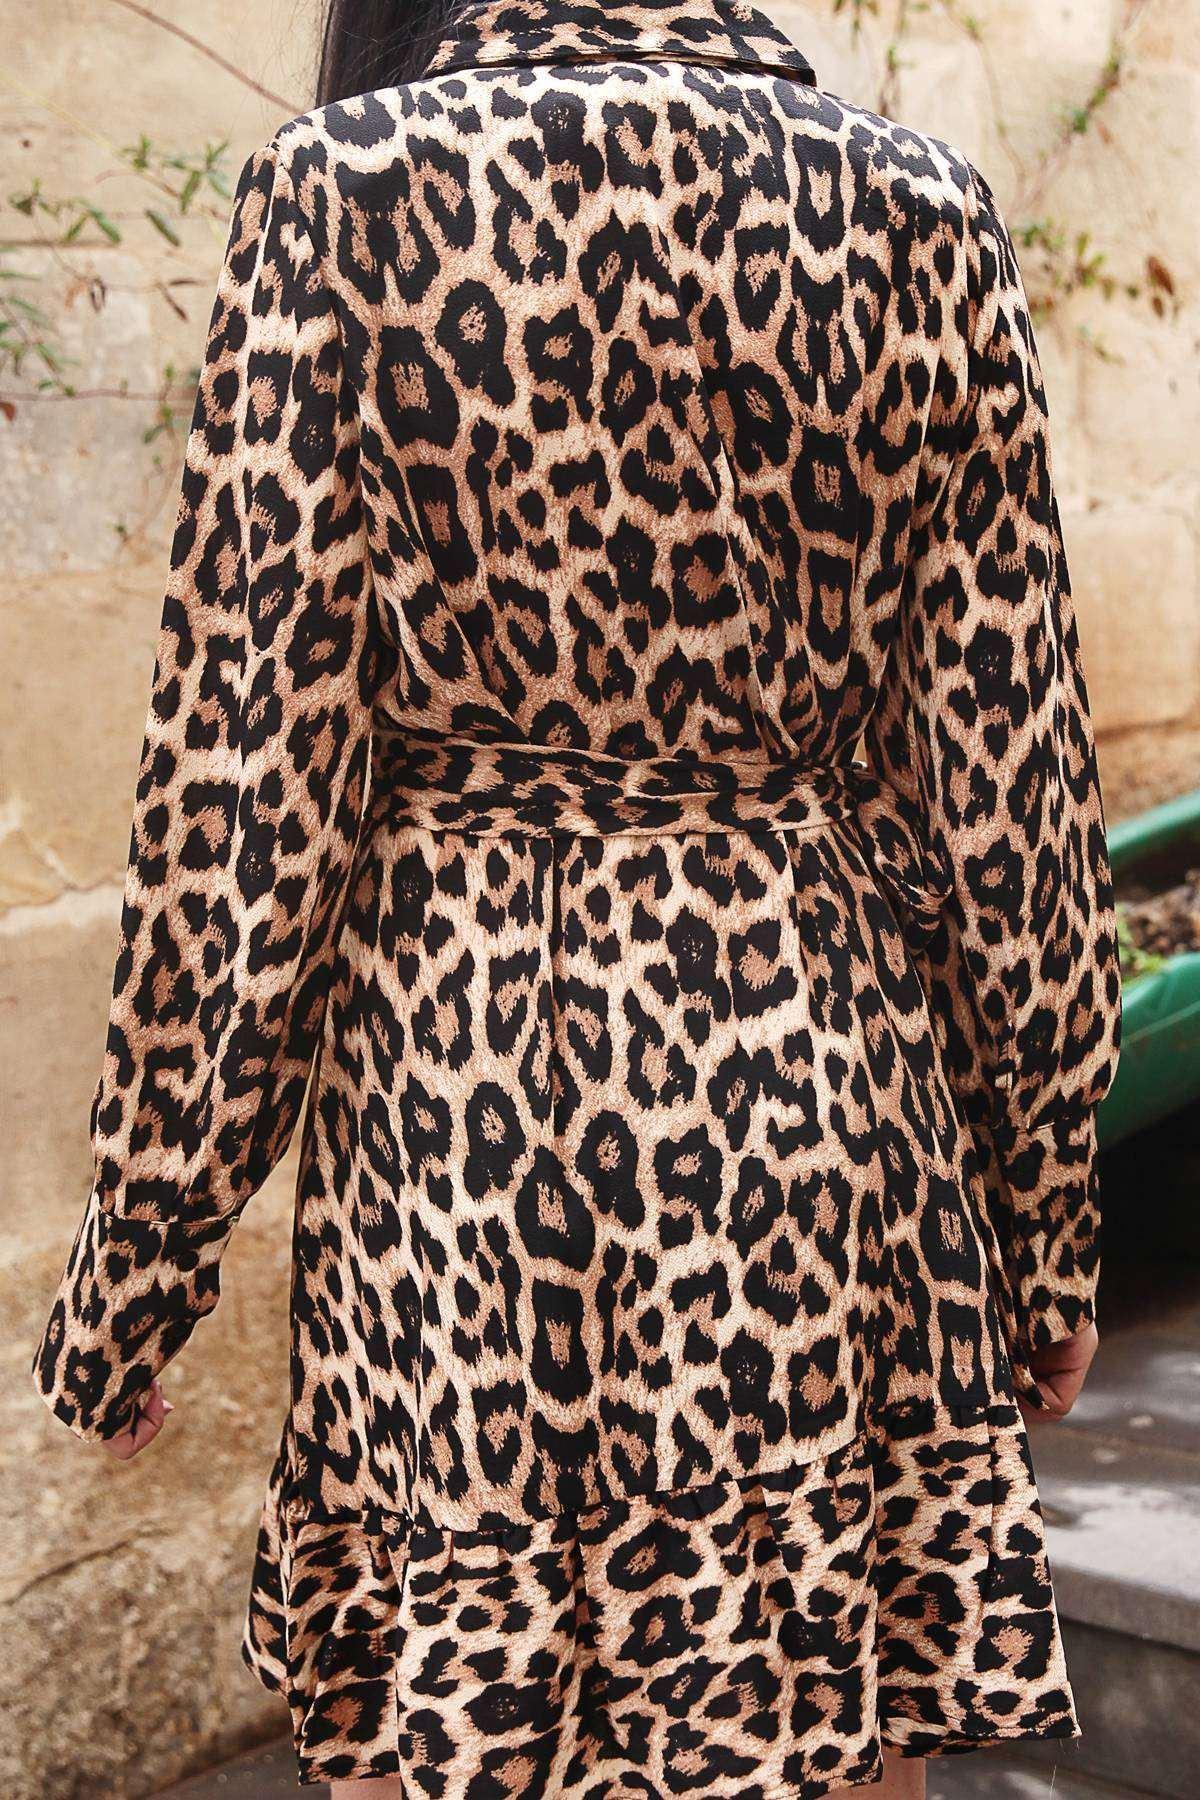 Leopar Desenli Yaka Detaylı Eteği Fırfırlı Elbise Siyah-Kahve